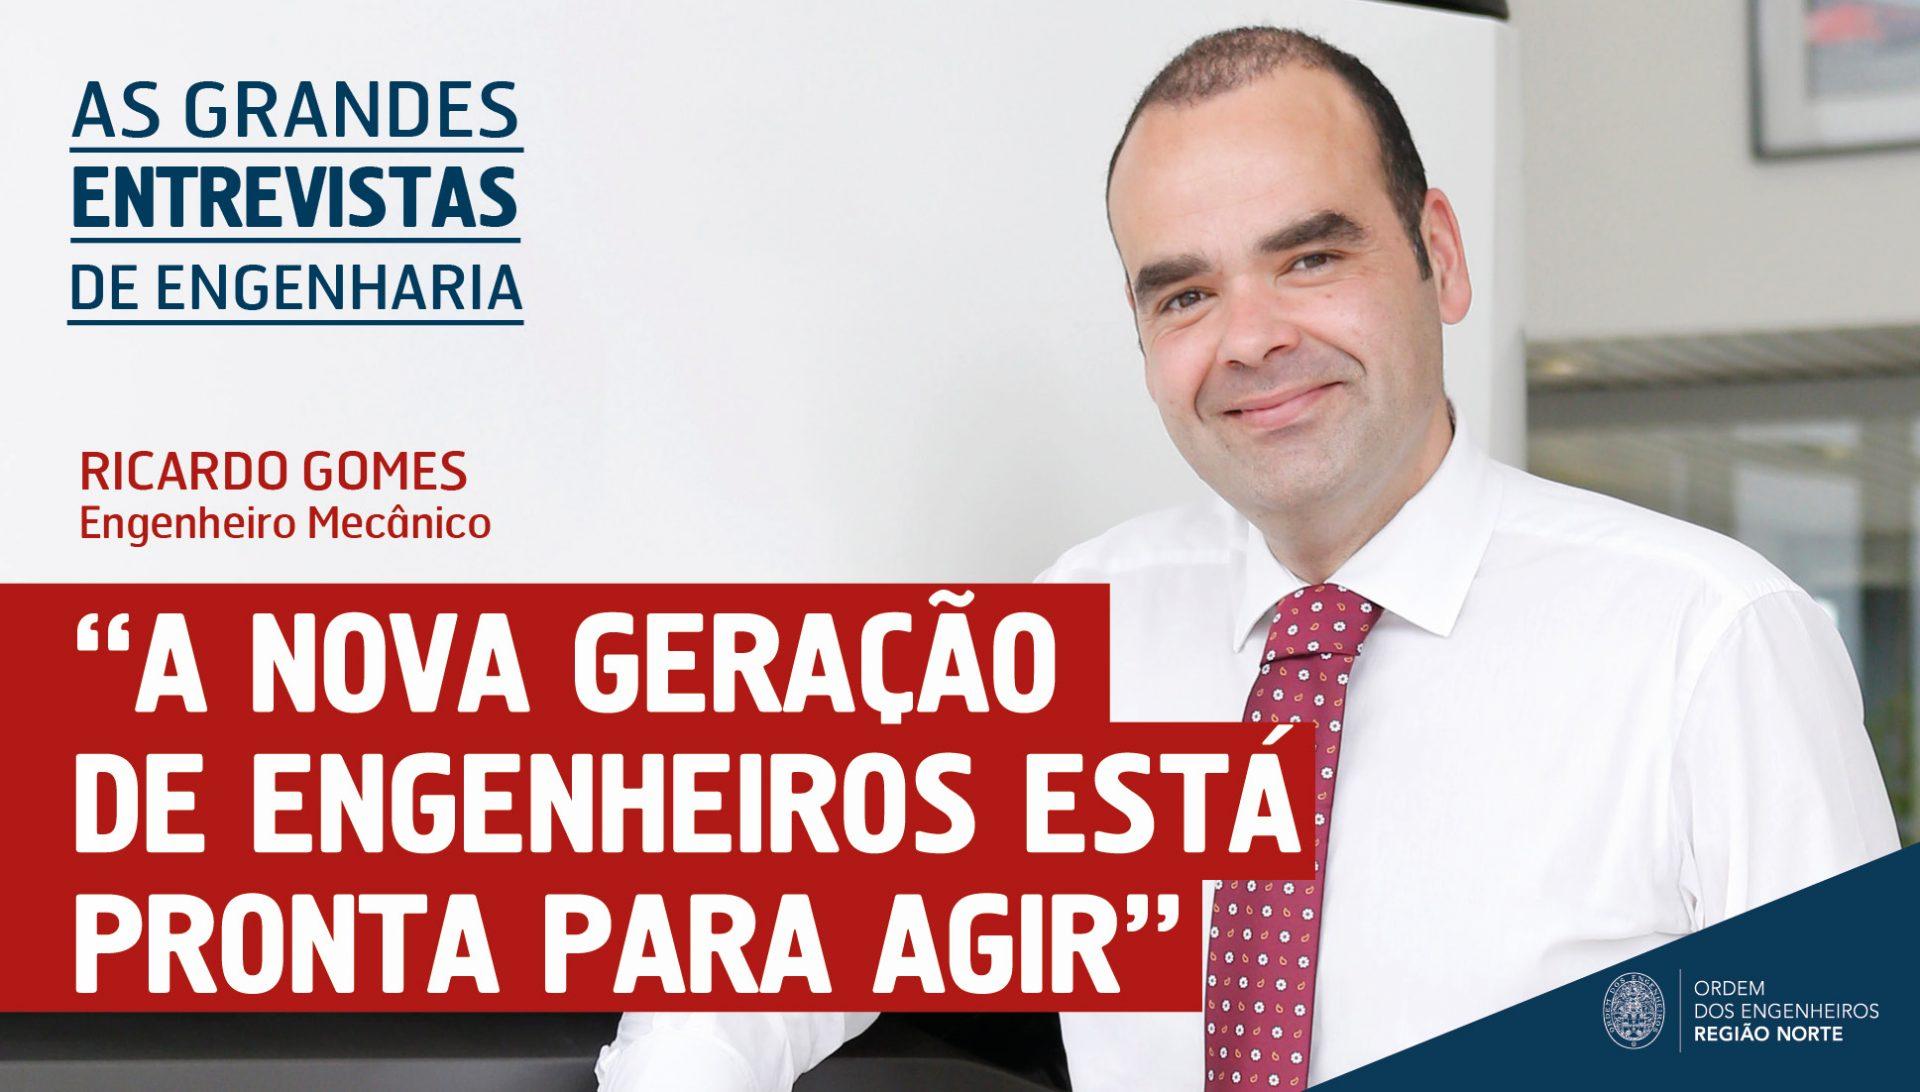 Plataforma Notícias Ordem Engenheiros Região Norte - Grandes Entrevista de Engenharia com… Ricardo Gomes